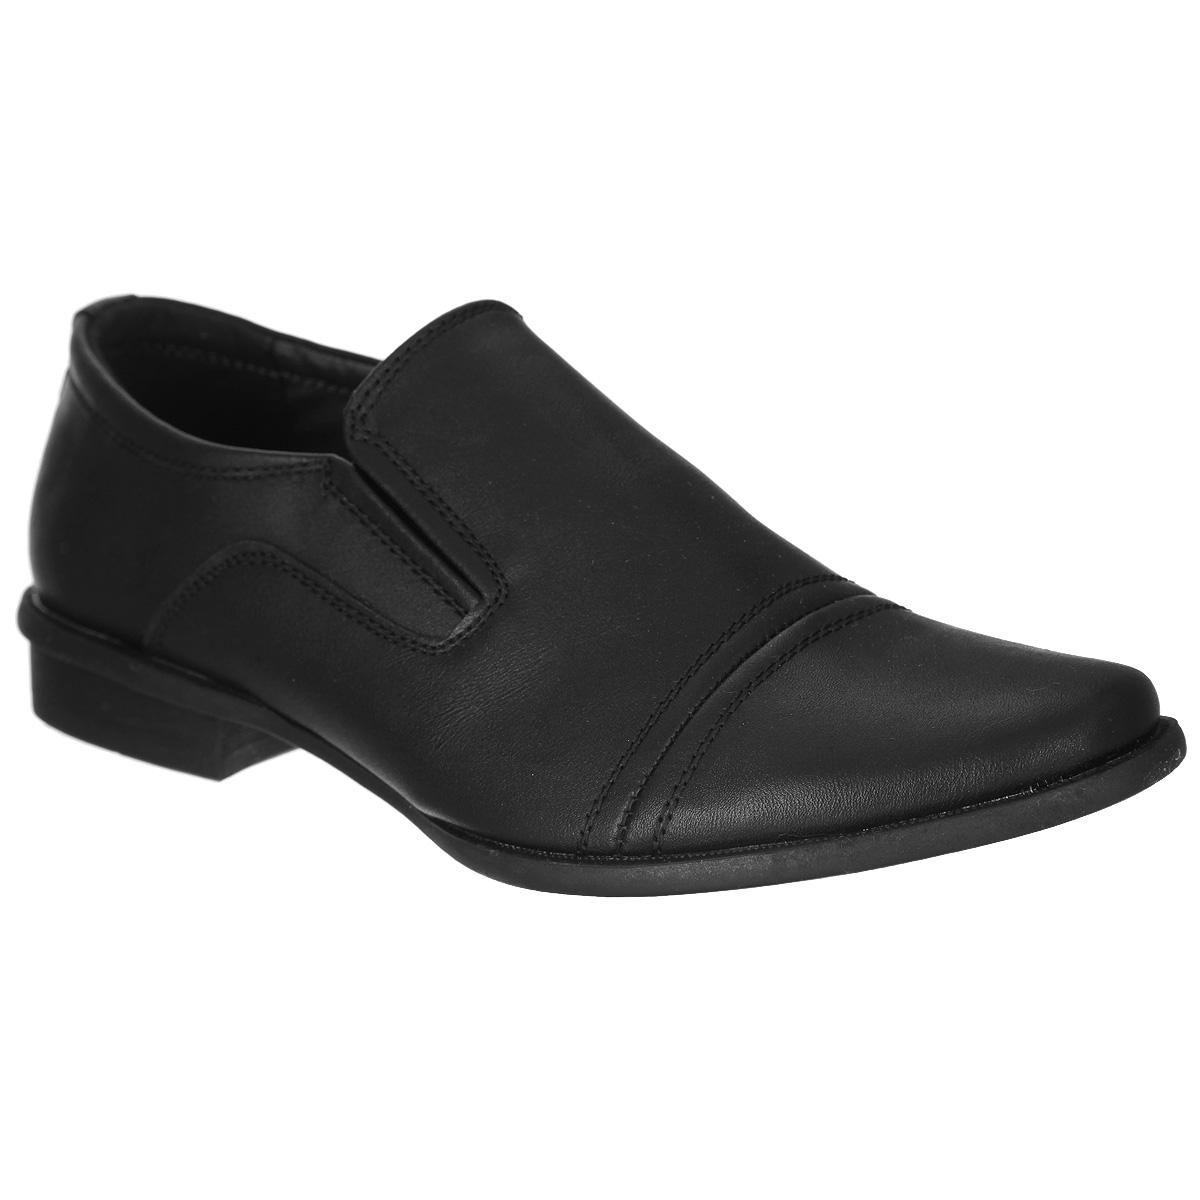 Туфли для мальчика. 558200/05-01558200/05-01Классические туфли от Keddo придутся по душе вашему мальчику! Модель выполнена из искусственной кожи и оформлена декоративной прострочкой, задним наружным ремнем. Резинки, расположенные на подъеме, гарантируют оптимальную посадку обуви на ноге. Стелька EVA с поверхностью из натуральной кожи дополнена супинатором, который обеспечивает правильное положение ноги ребенка при ходьбе, предотвращает плоскостопие. Рифленая поверхность каблука и подошвы защищает изделие от скольжения. Удобные туфли - незаменимая вещь в гардеробе каждого ребенка.